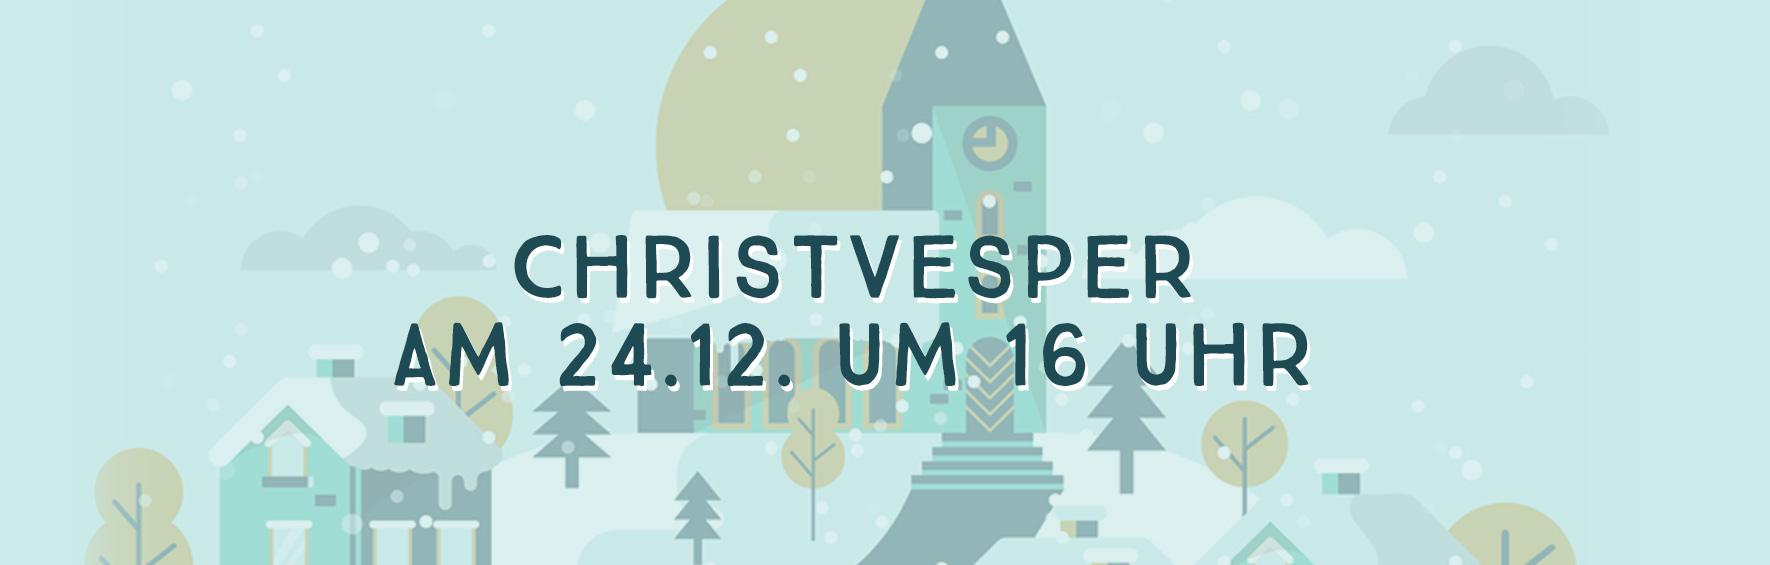 Christvesper